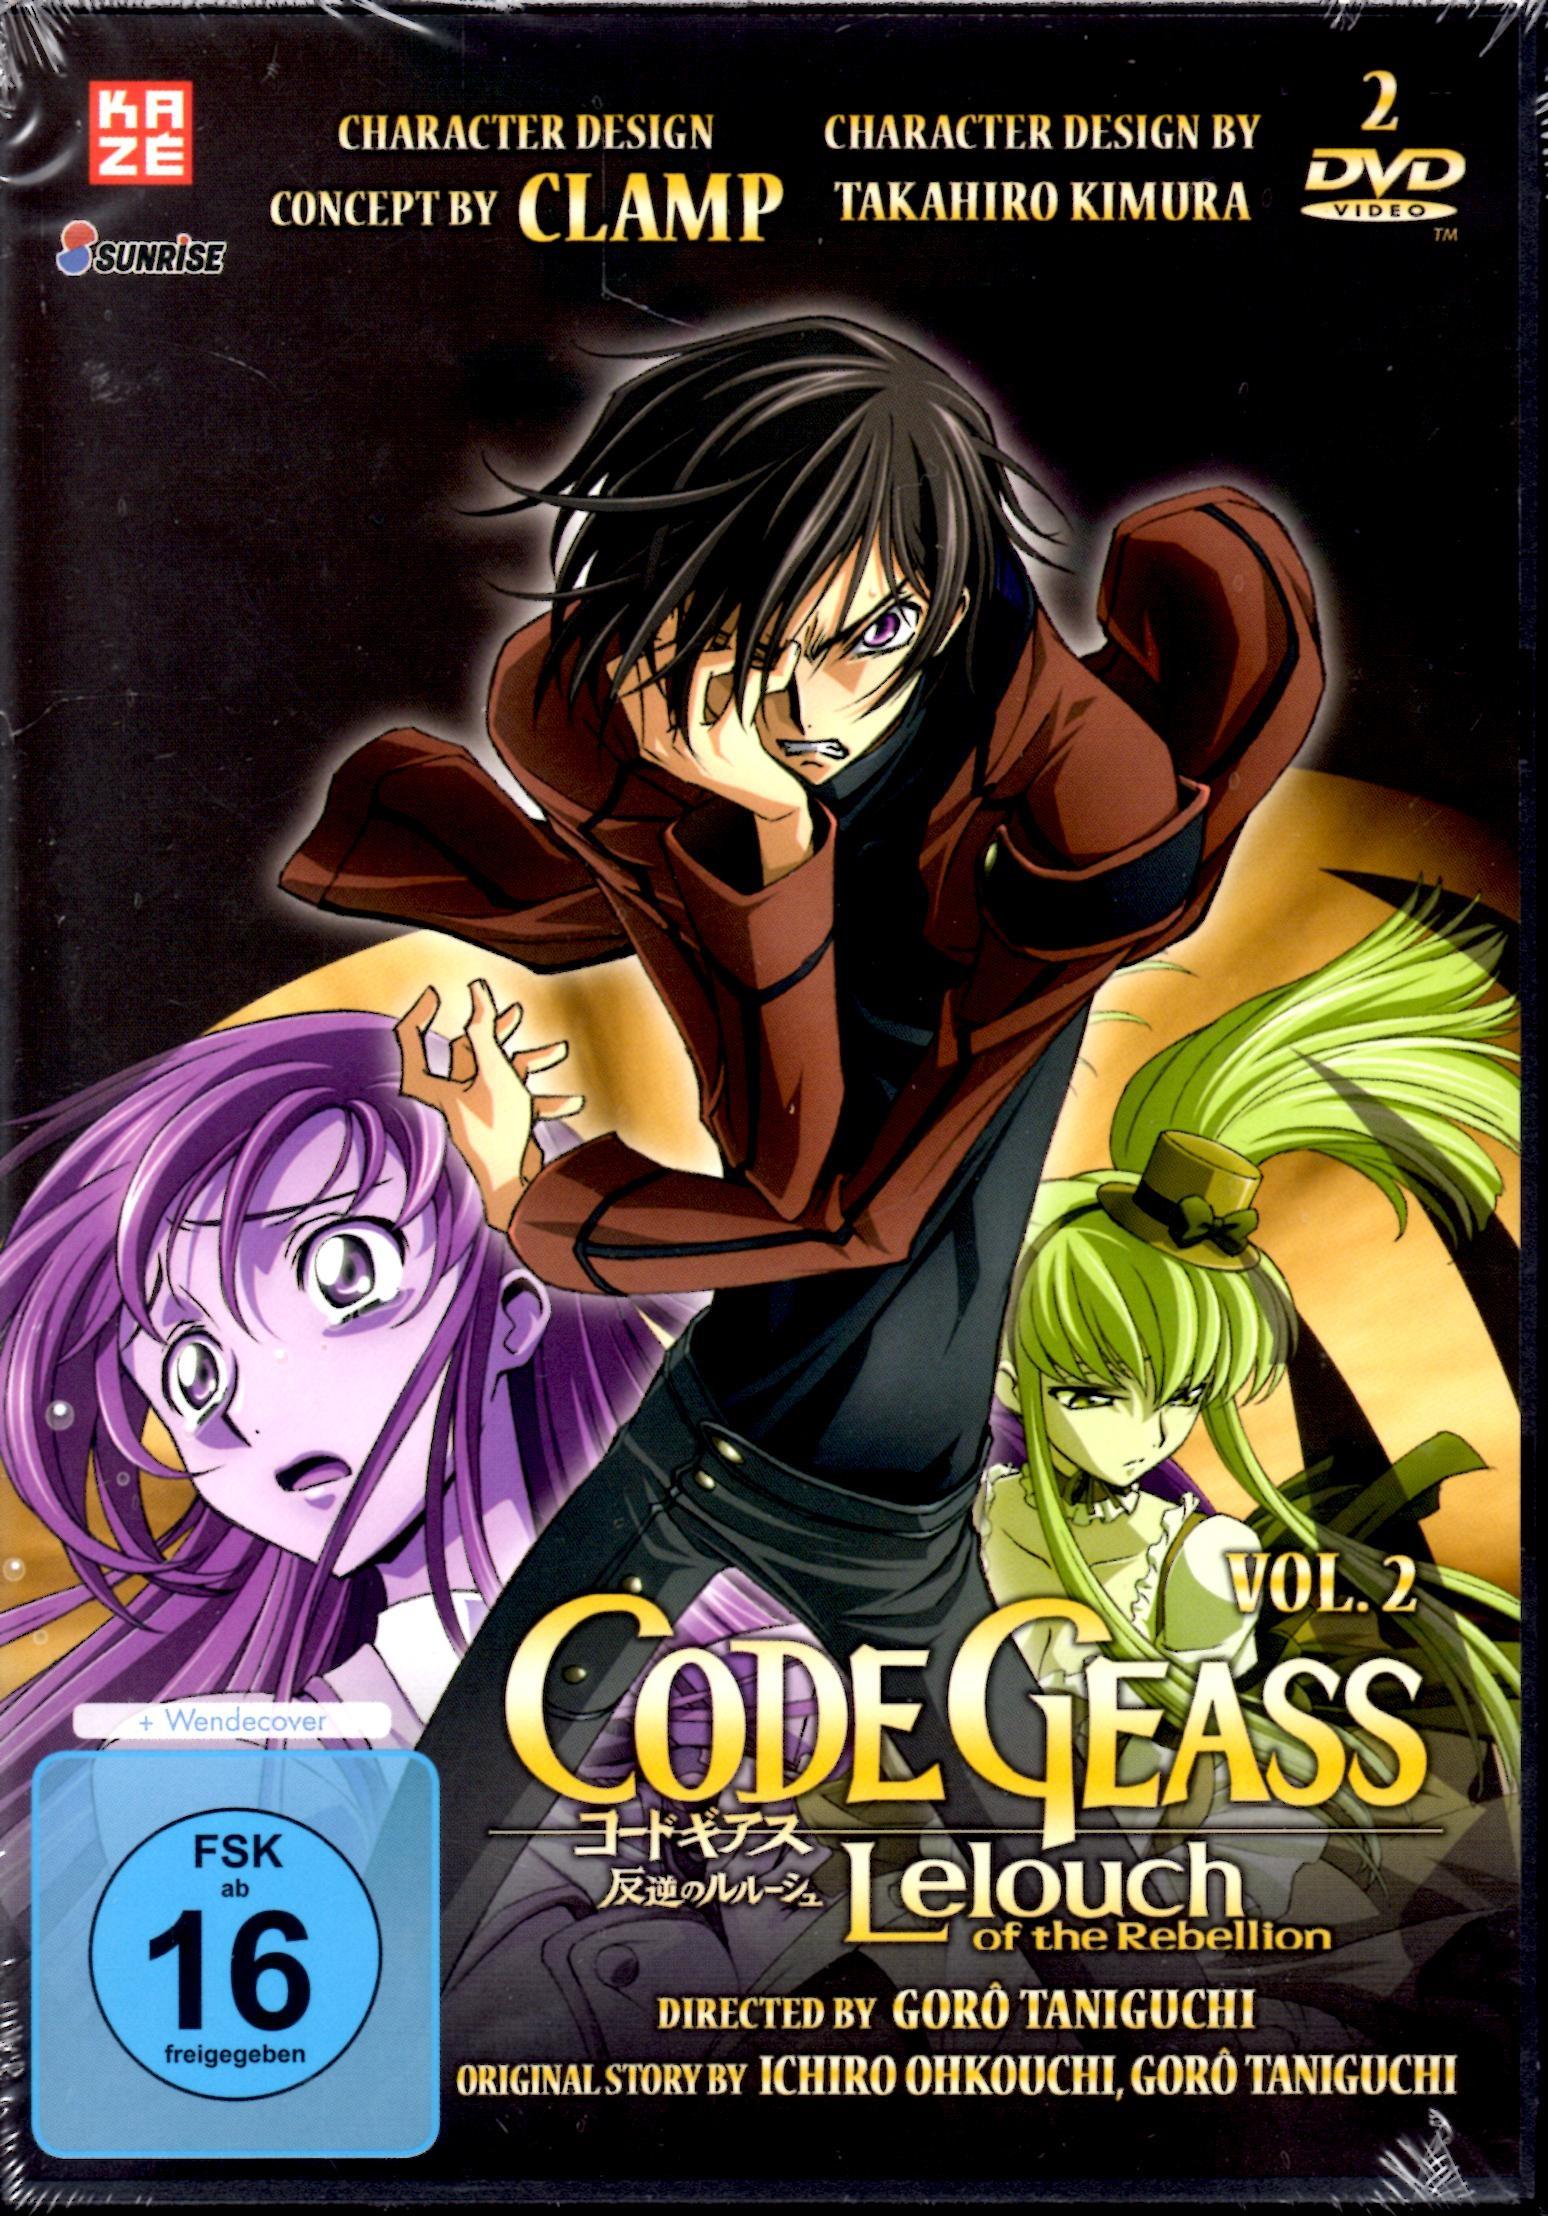 Code Geass Staffel 2